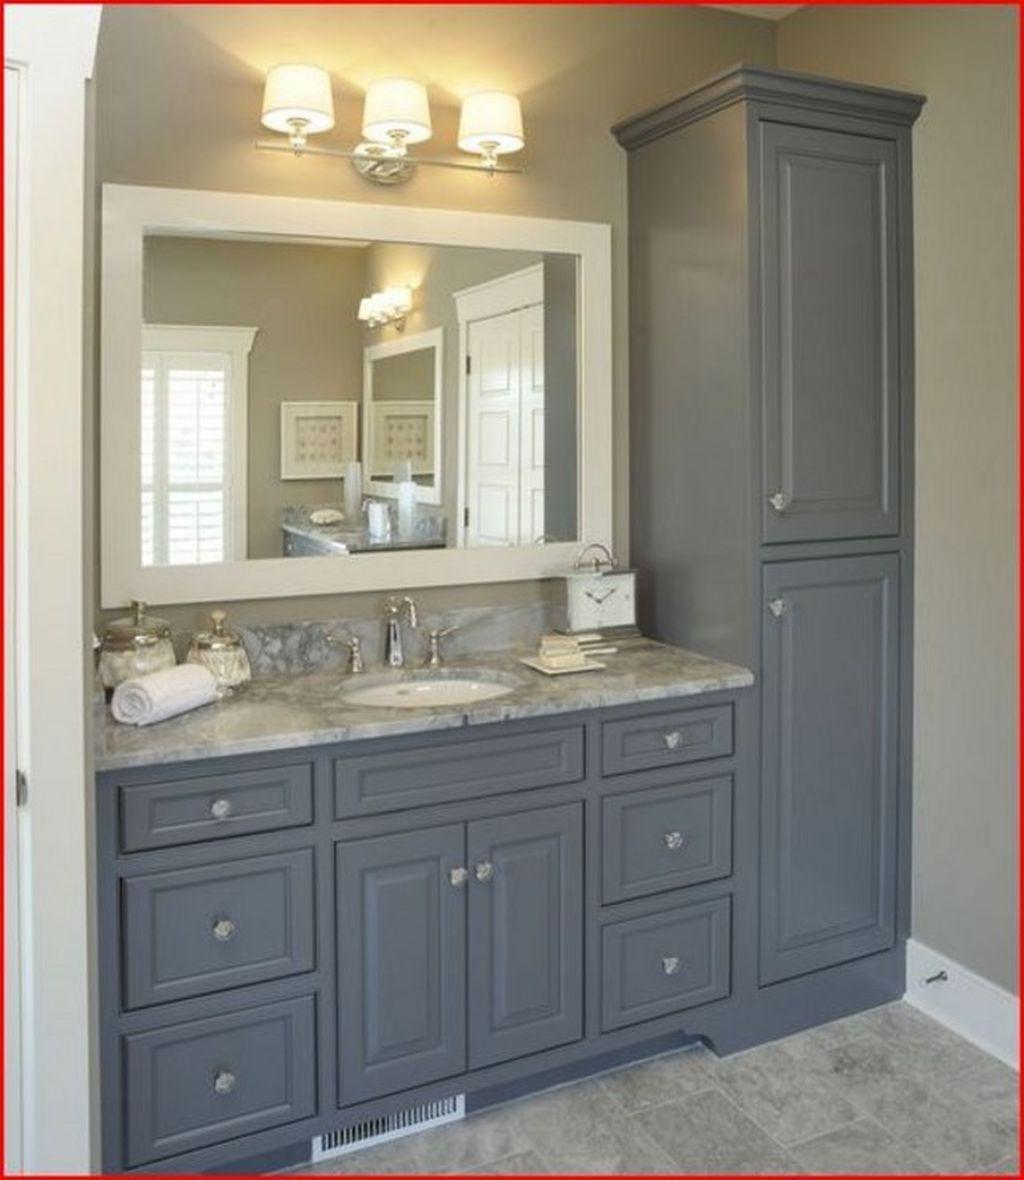 Photo of 64 Inspiring Rustic Bathroom Vanity Remodel Ideas